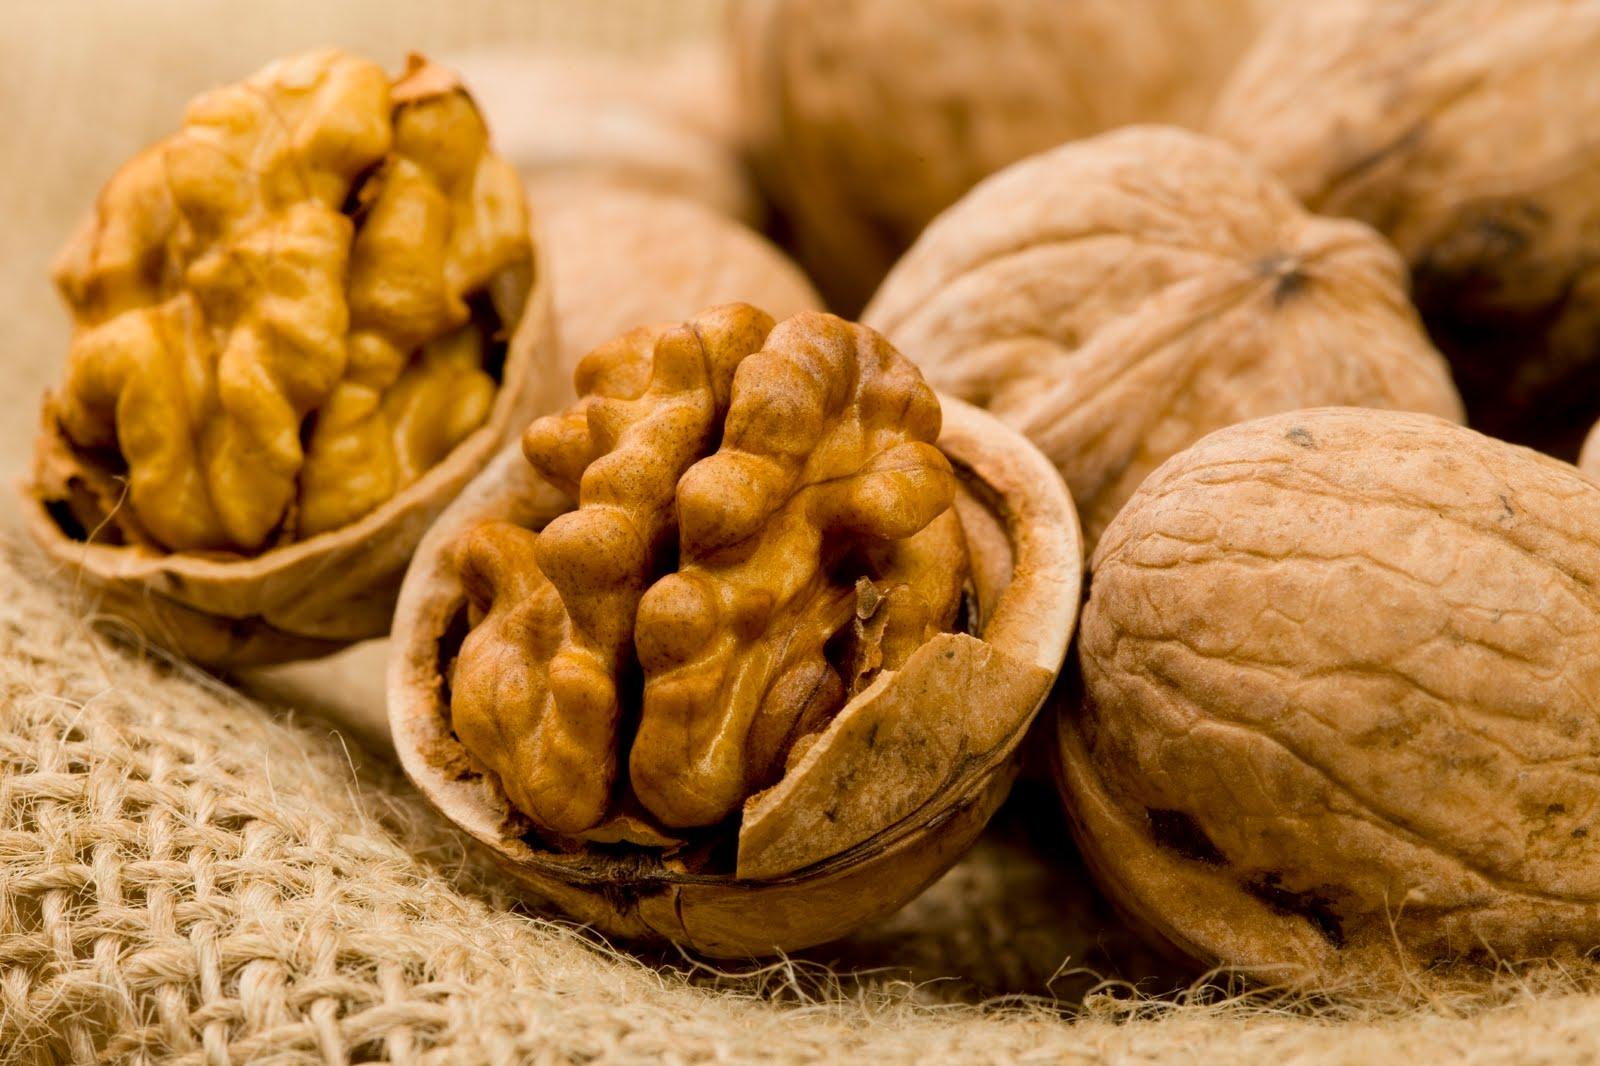 Walnut #4